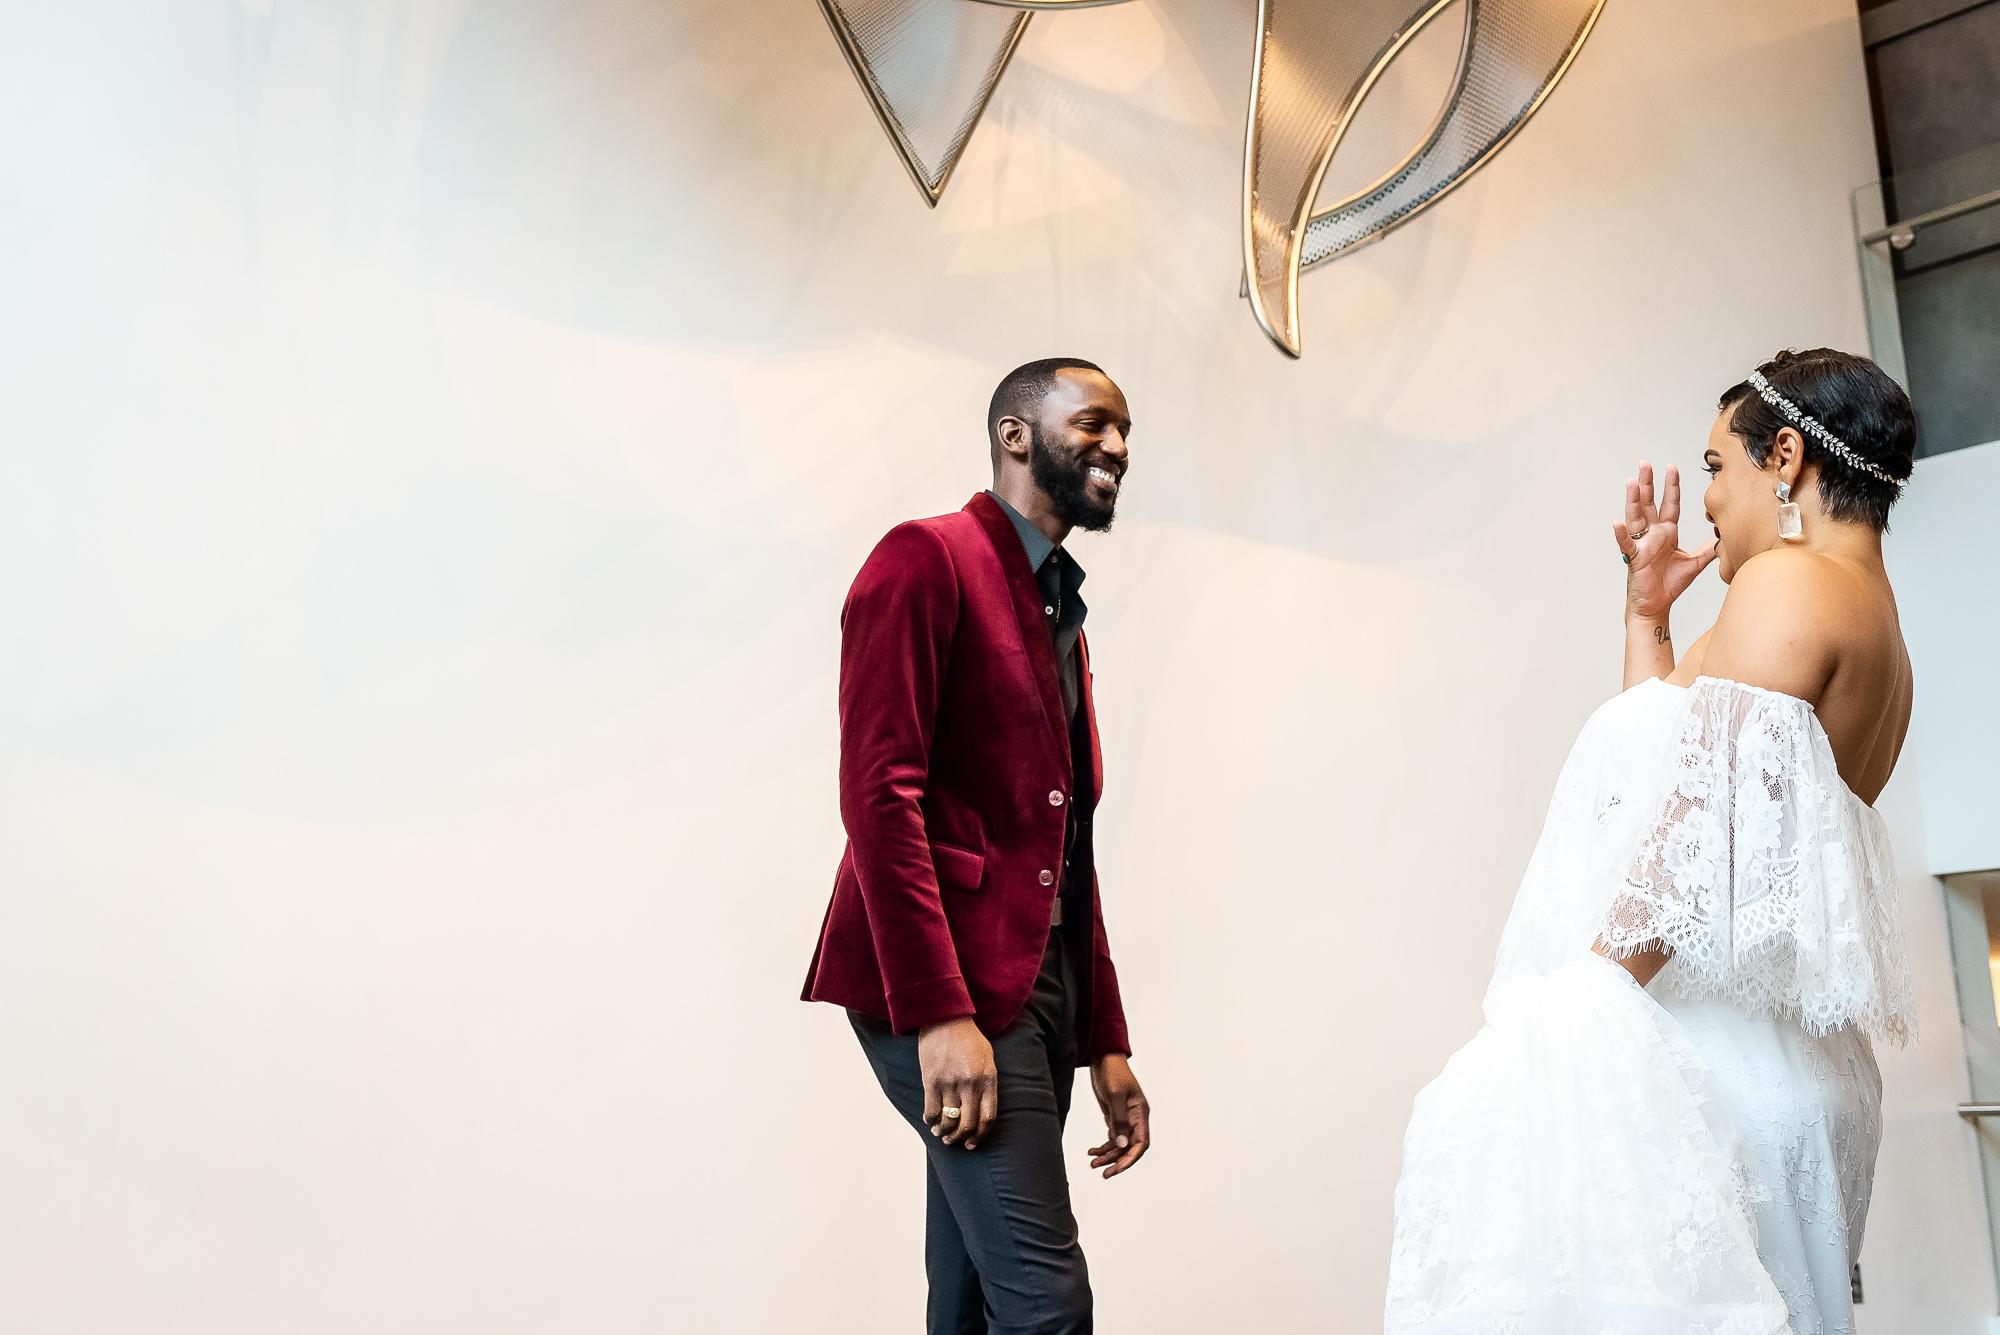 023-023-christopher-jason-studios-university-of-maryland-wedding-raheem-Devaughn-african-american-bride-and-groom.jpg